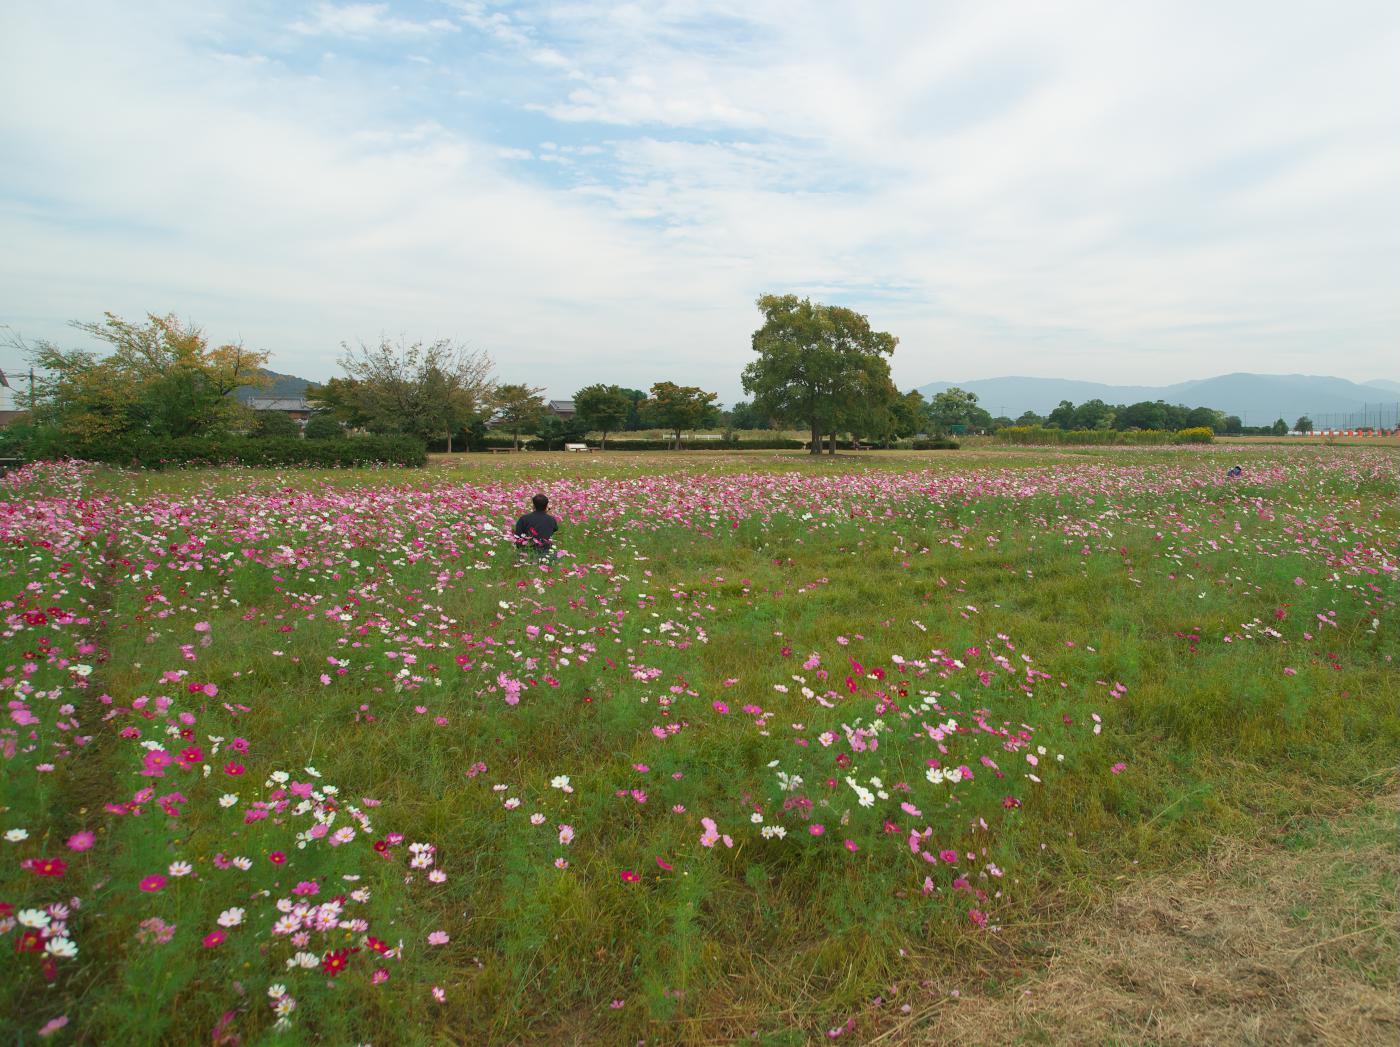 藤原宮跡の秋桜は?_b0161171_07550284.jpg